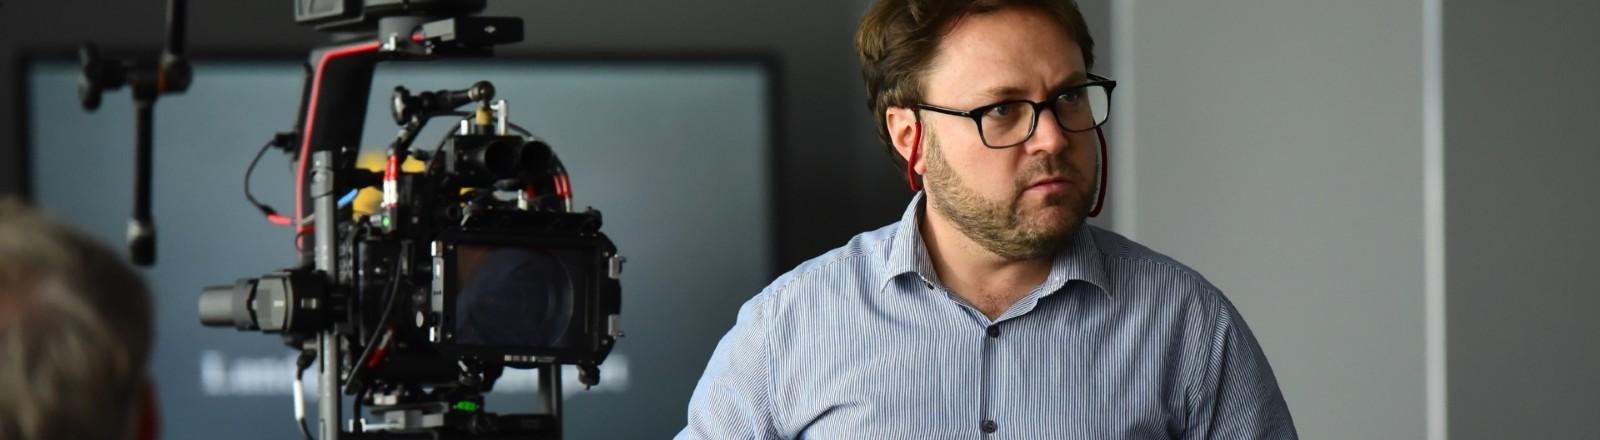 Filmemacher Daniel Harrich steht neben einer Kamera